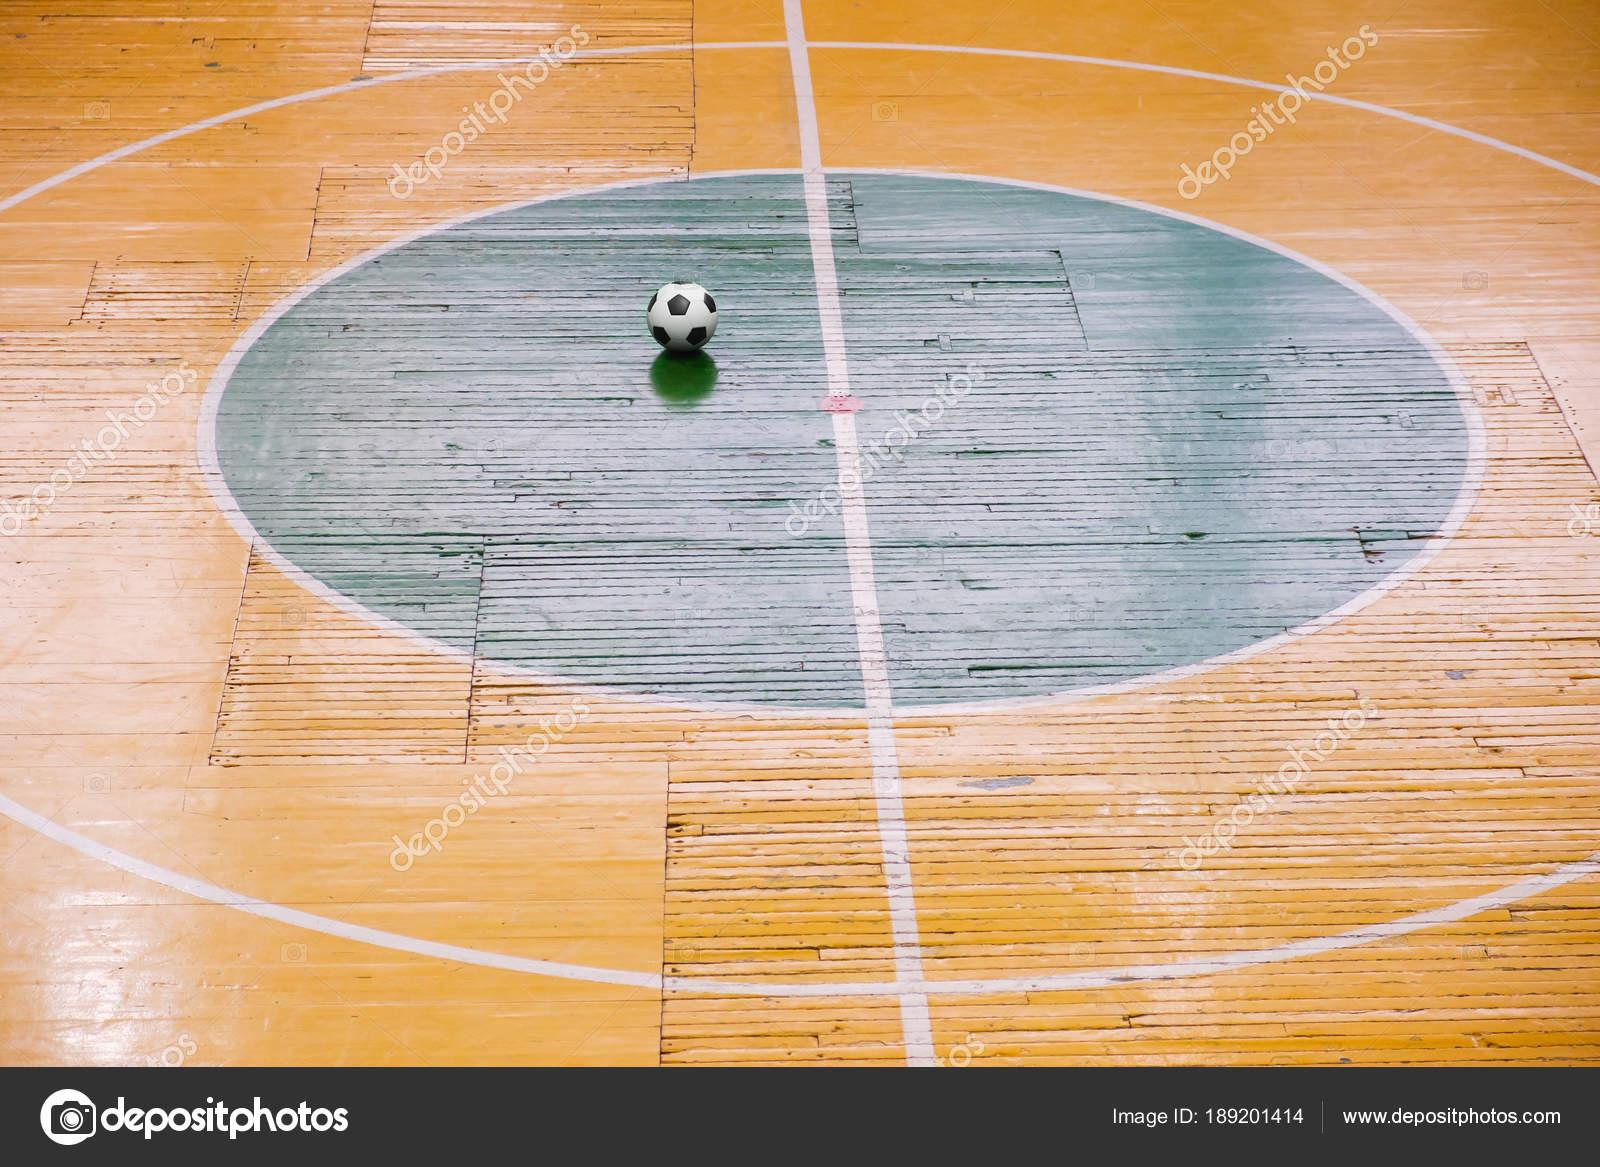 Vista superior– imagem de stock. Estádio de futebol ou futsal com uma  marcação brilhante do campo de jogo e bola no 73aae6f66c267